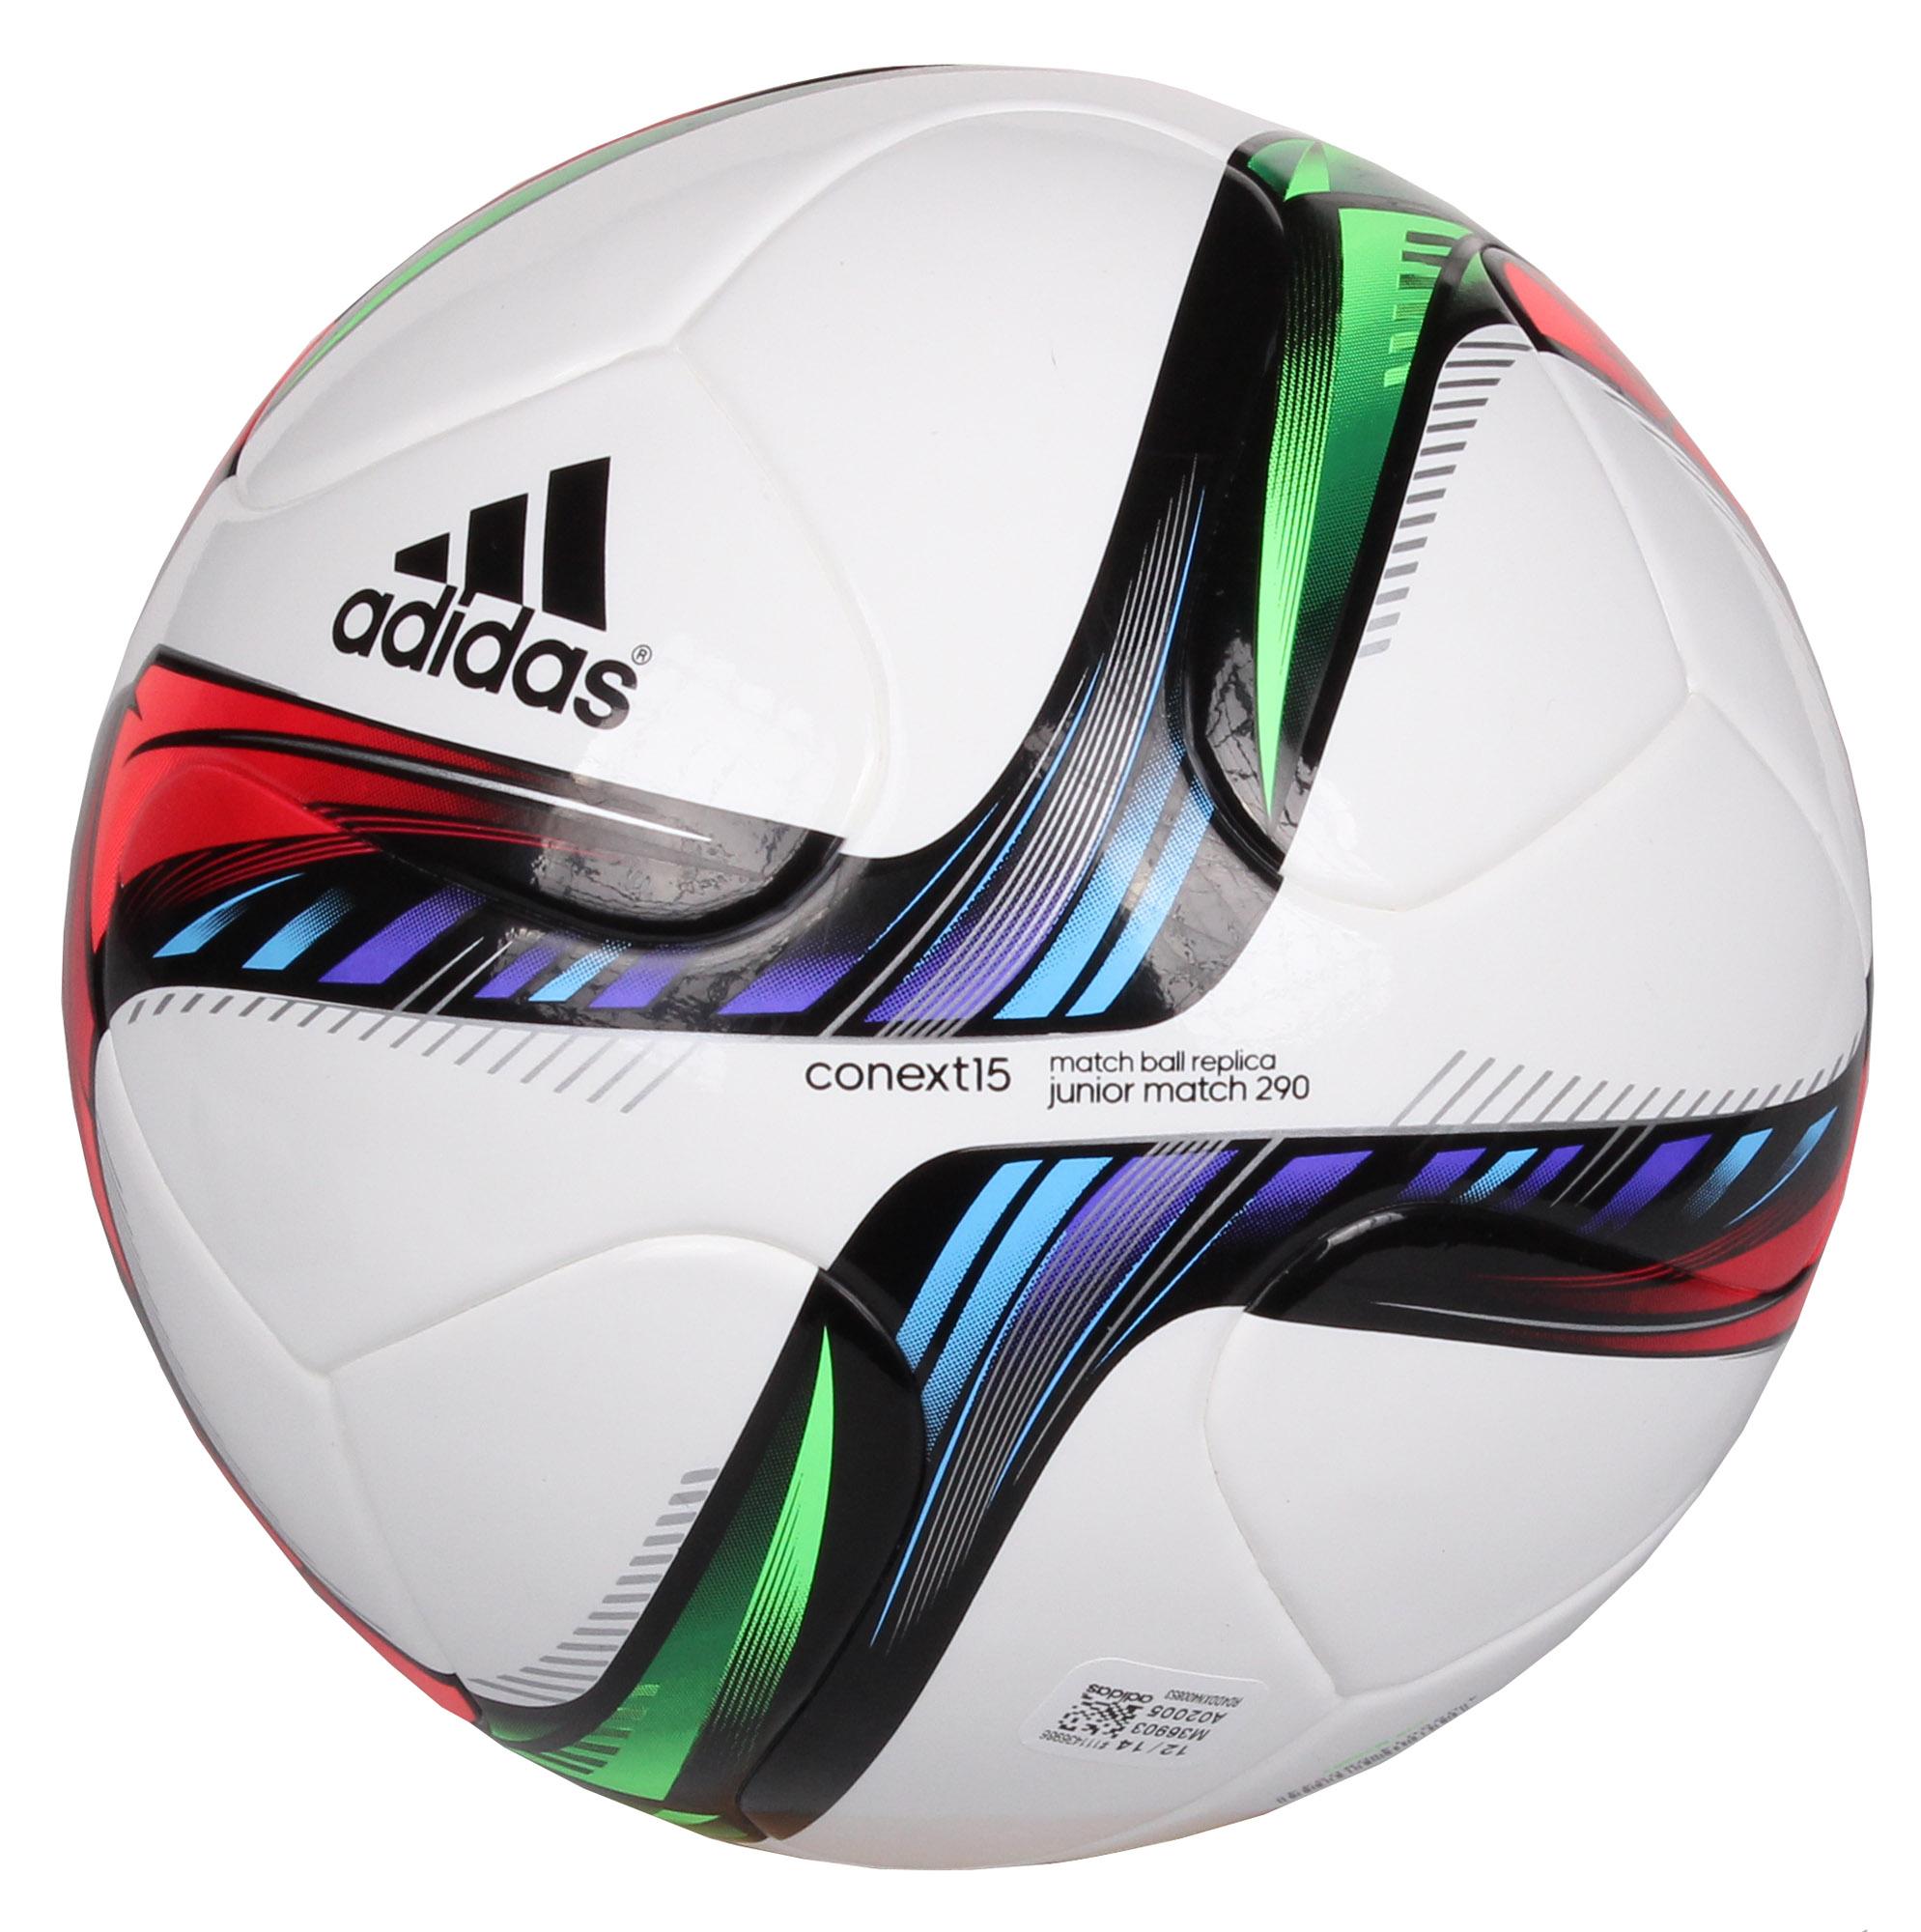 ADIDAS Conext15 J290 fotbalový míč - vel. 4